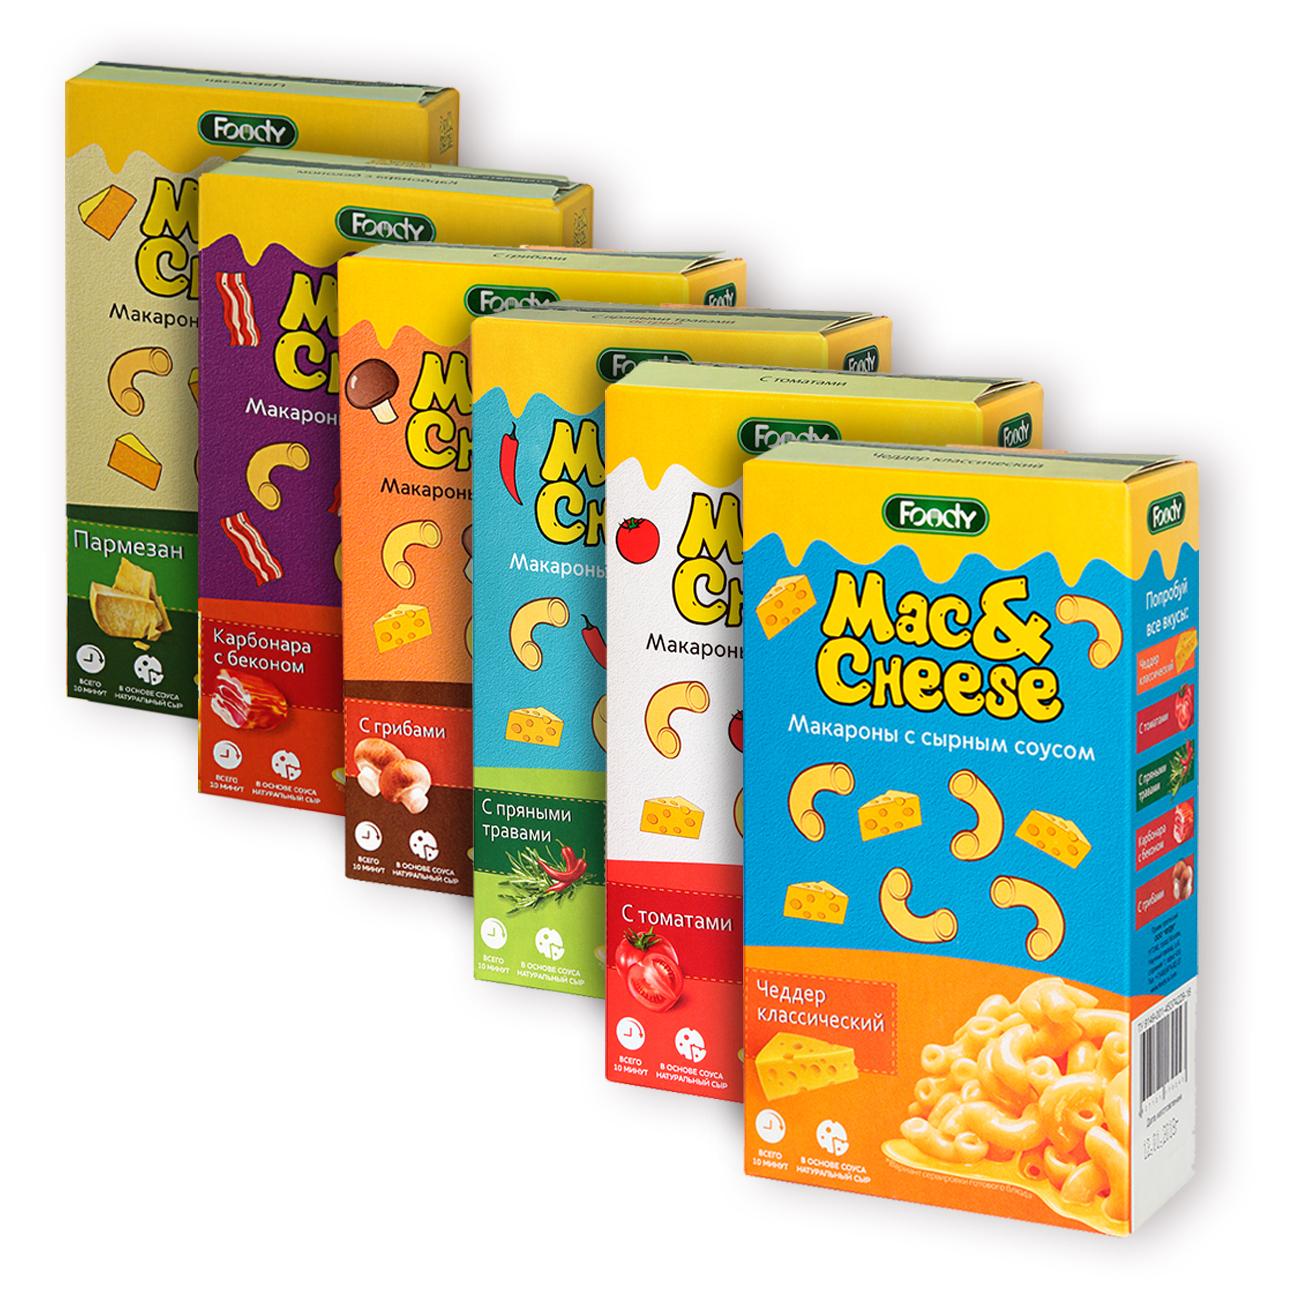 Foody Mac&Cheese макароны с сырным соусом Ассорти вкусов (пармезан, чеддер, с томатами, с грибами, карбонара, с пряными травами), 143г х 6шт